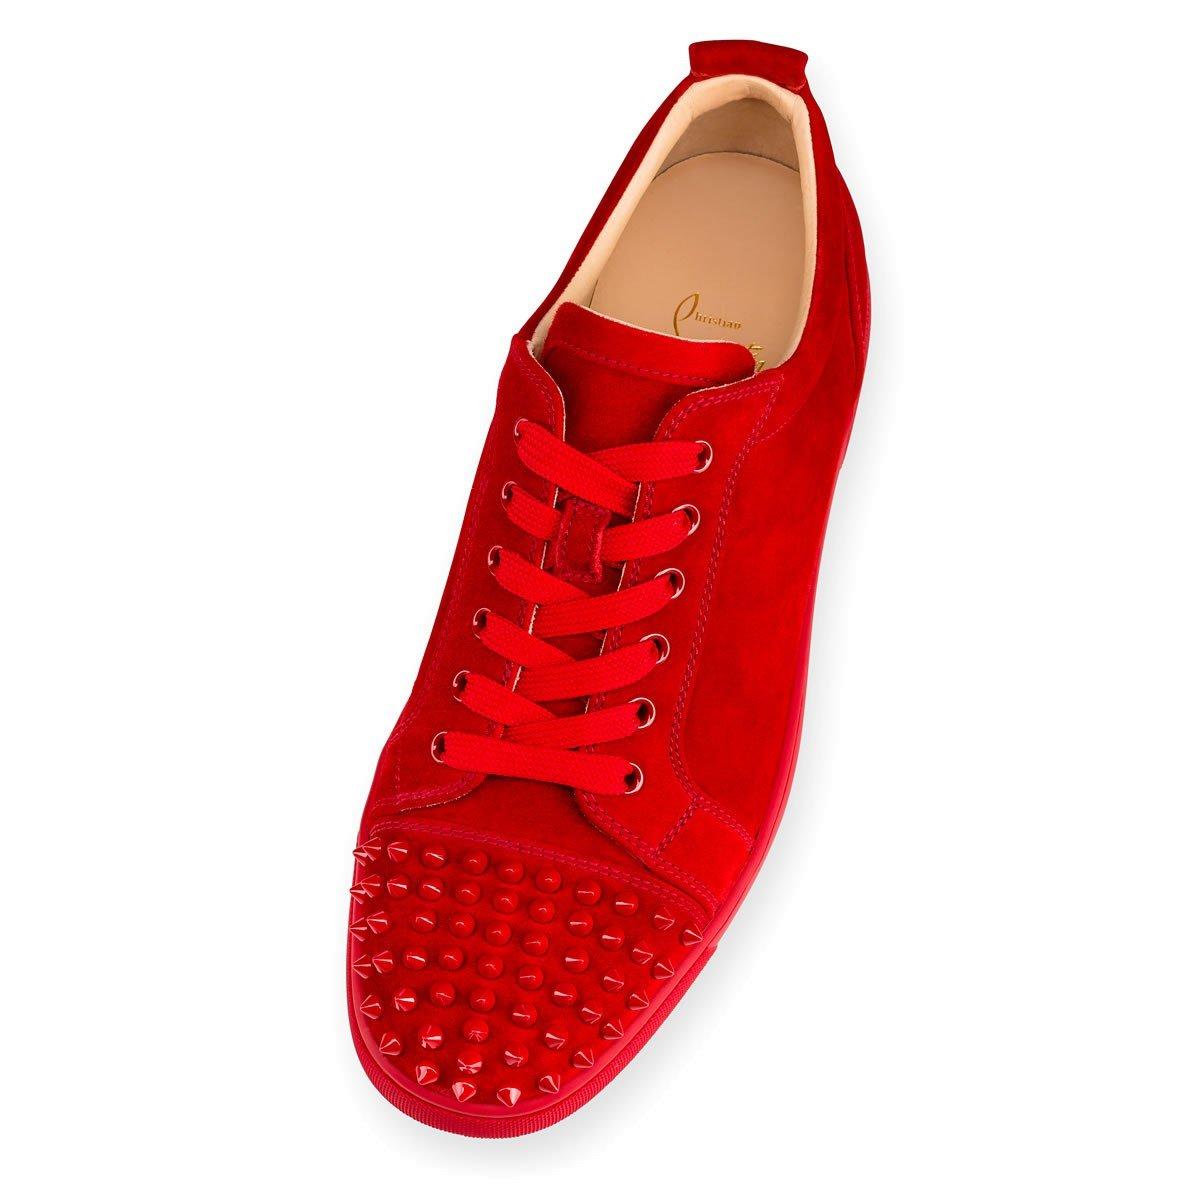 64df52ecf5d65 Christian Louboutin Louis Junior Spikes Flat Veau Velours - Carmin 40 EUR:  Amazon.co.uk: Shoes & Bags